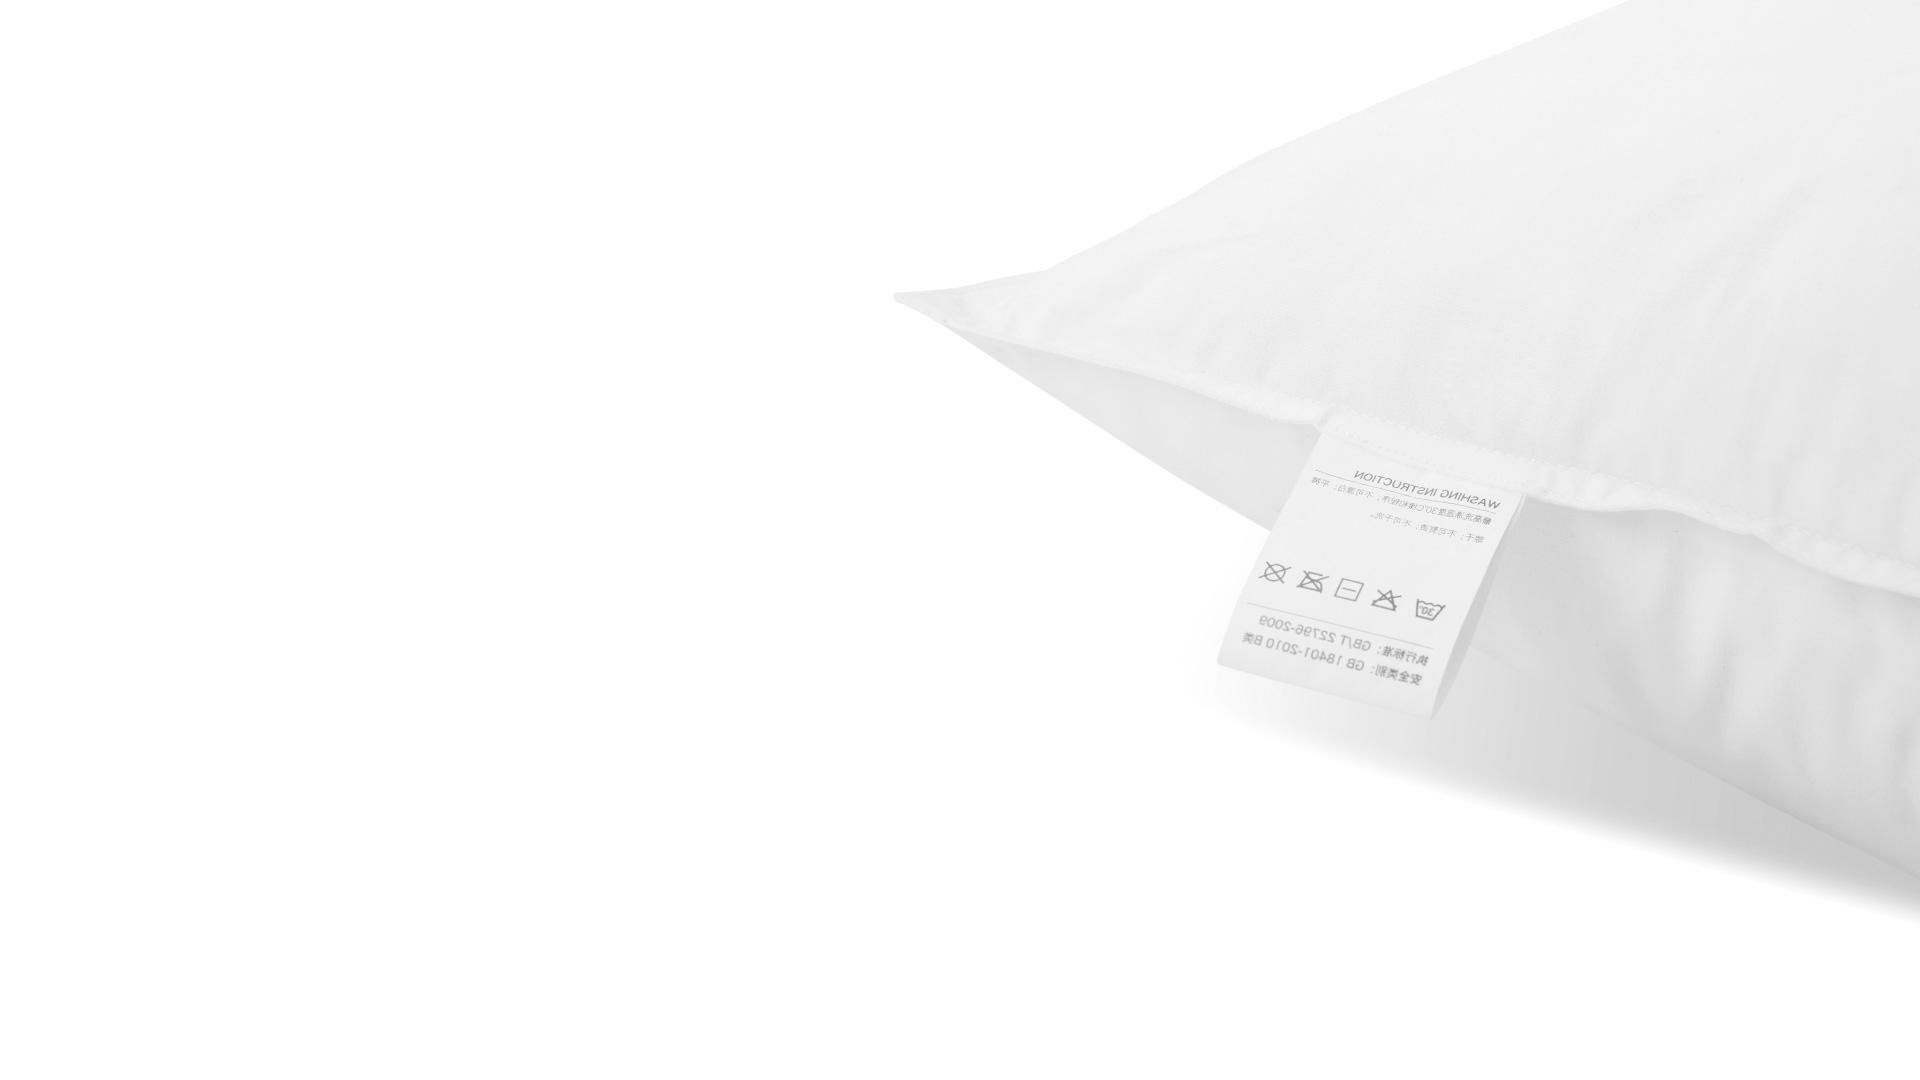 每款枕芯表面都采用内衣品级100%全棉面料,面料纱线以40纱支200根密度为标准,质感细腻柔软,具有吸汗排湿、保温、耐热、安全不刺激的特性,送给头部的轻柔触抚。